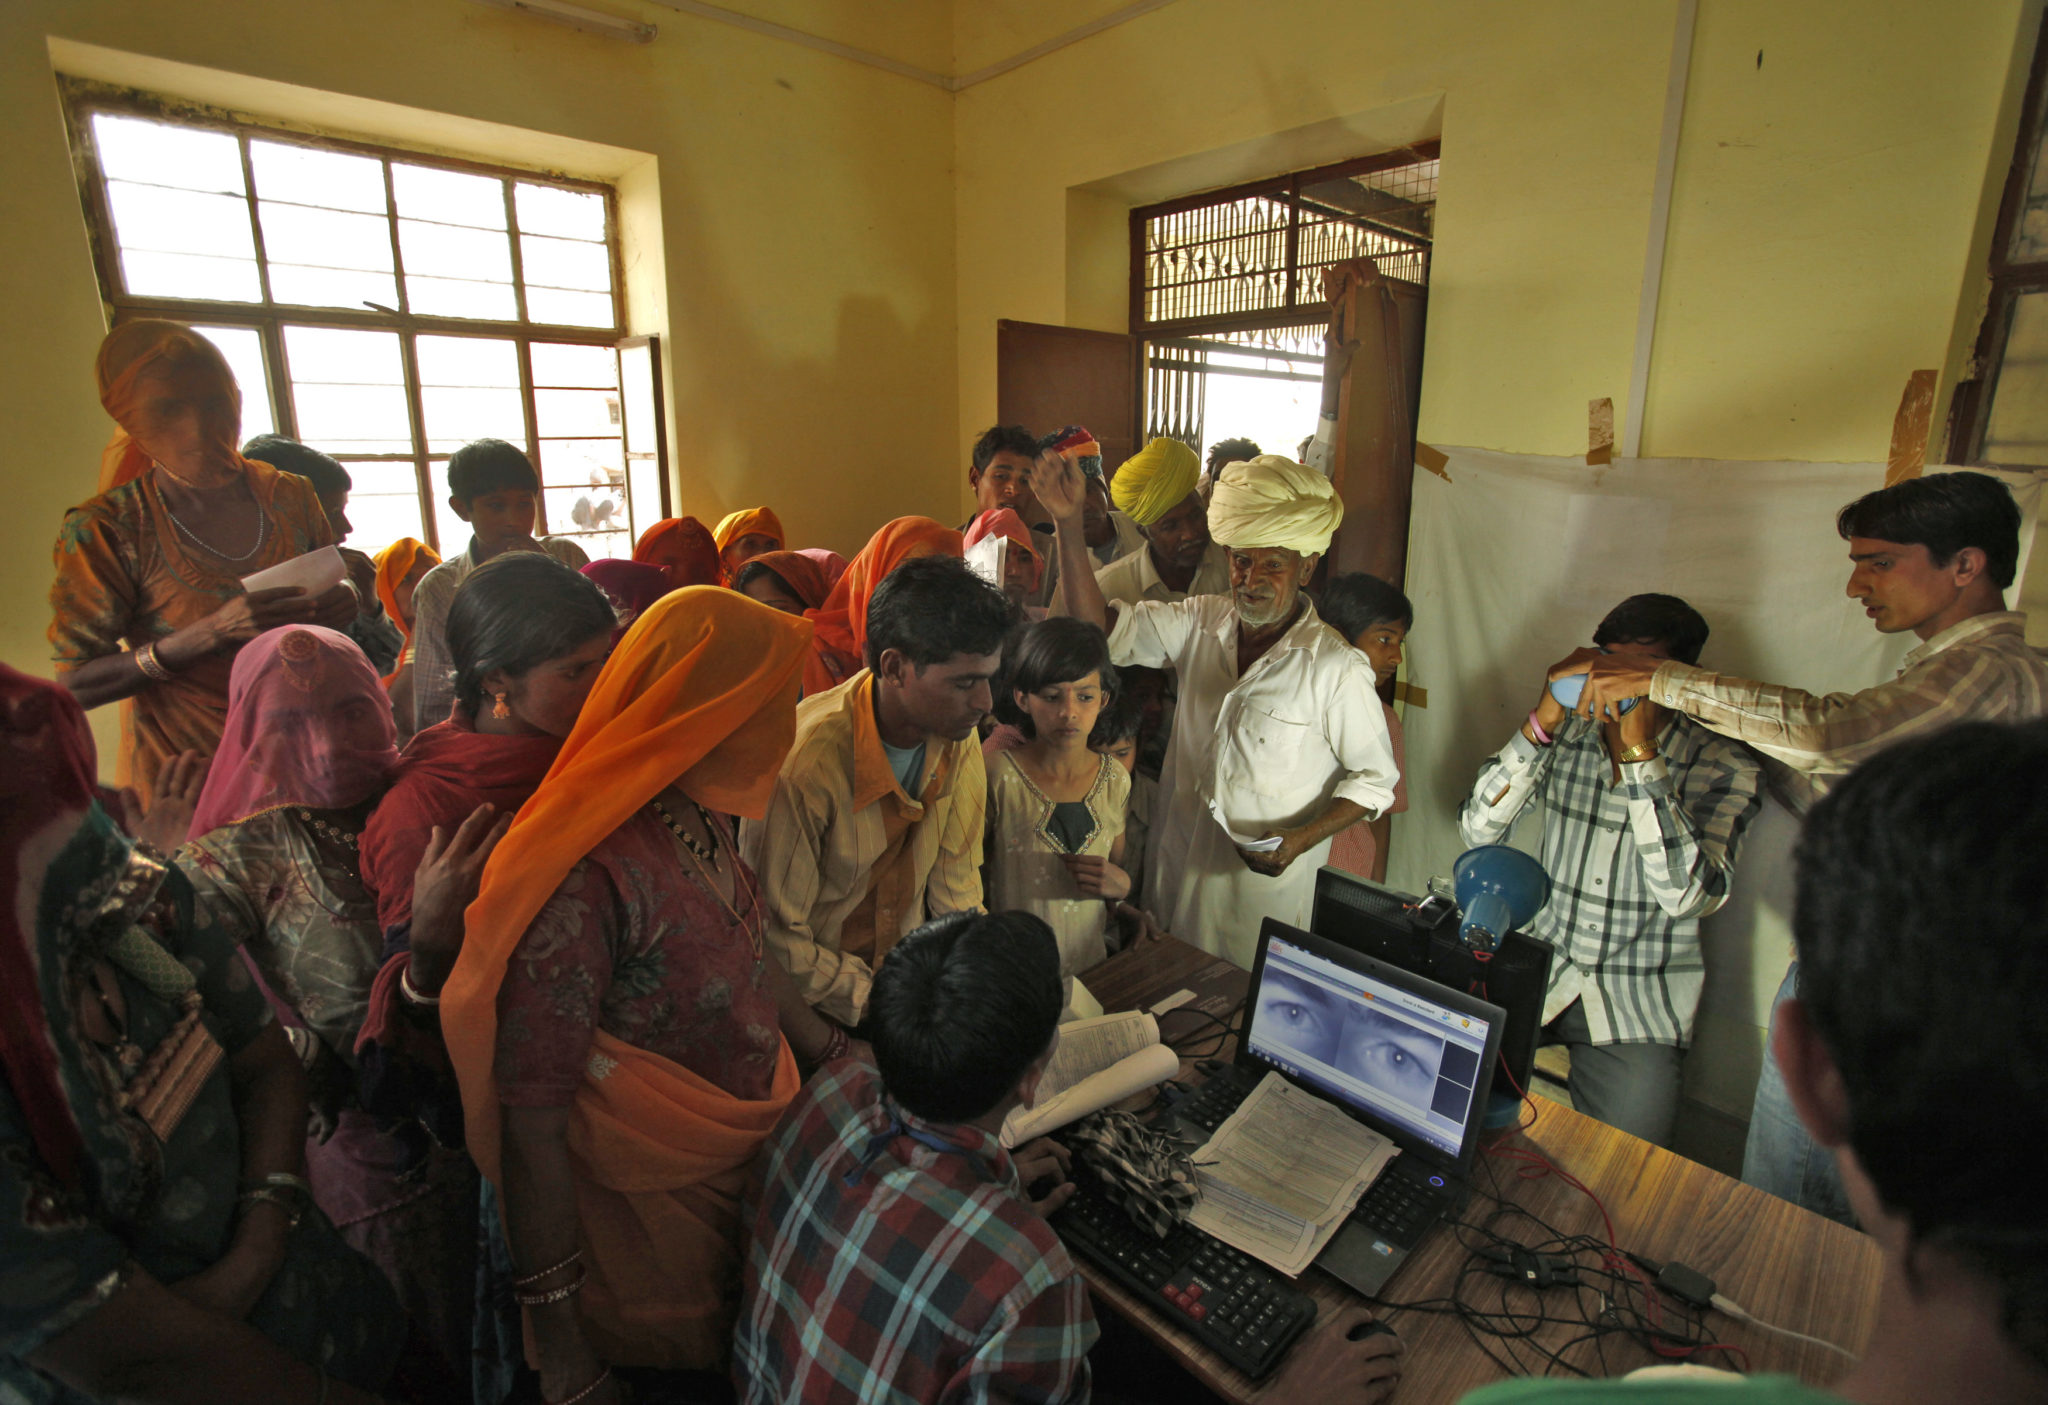 Единый реестр биометрических данных превращает жизнь индийских граждан в антиутопию